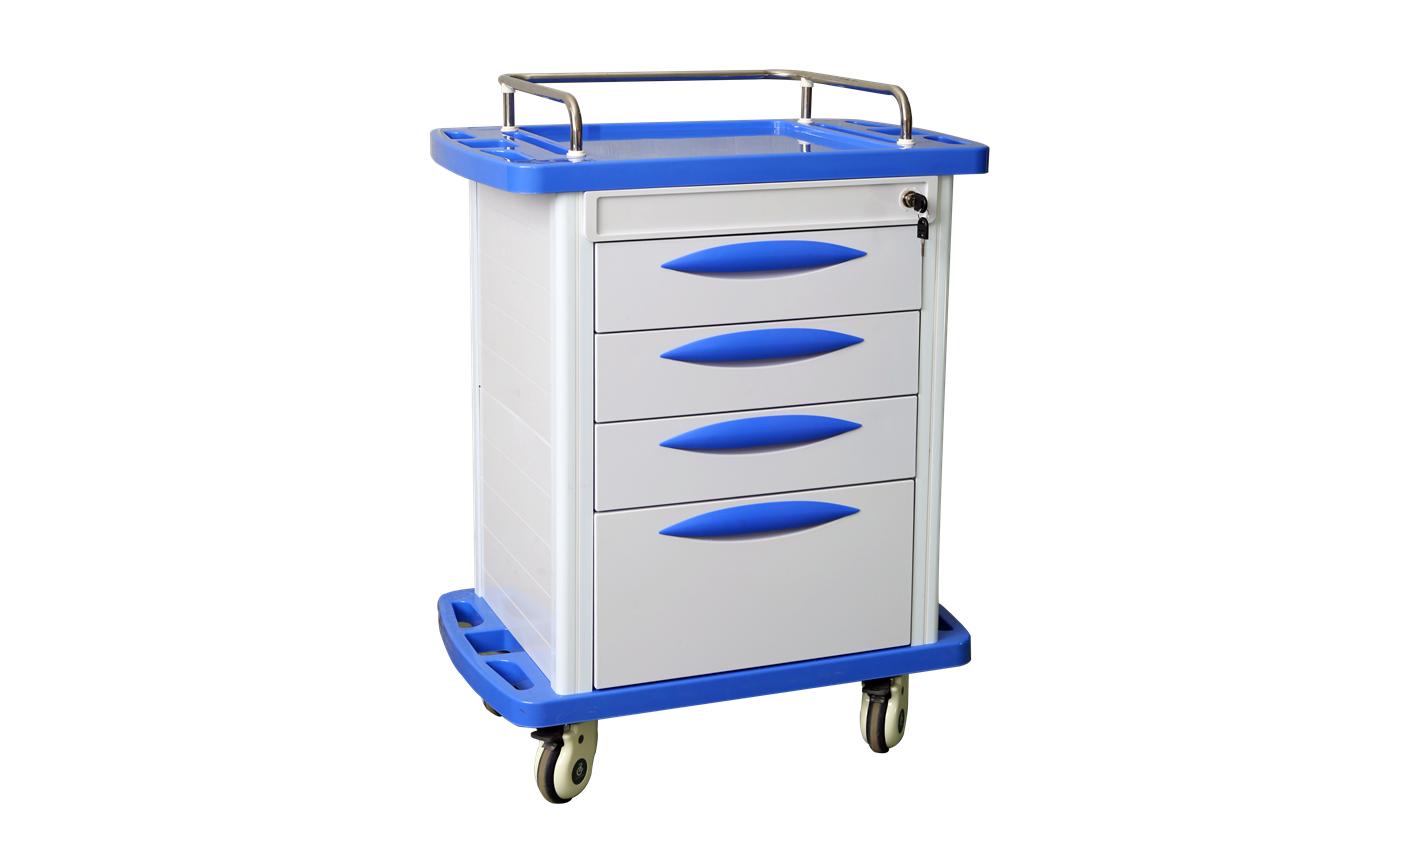 DW-MT 0011 Medicine trolley